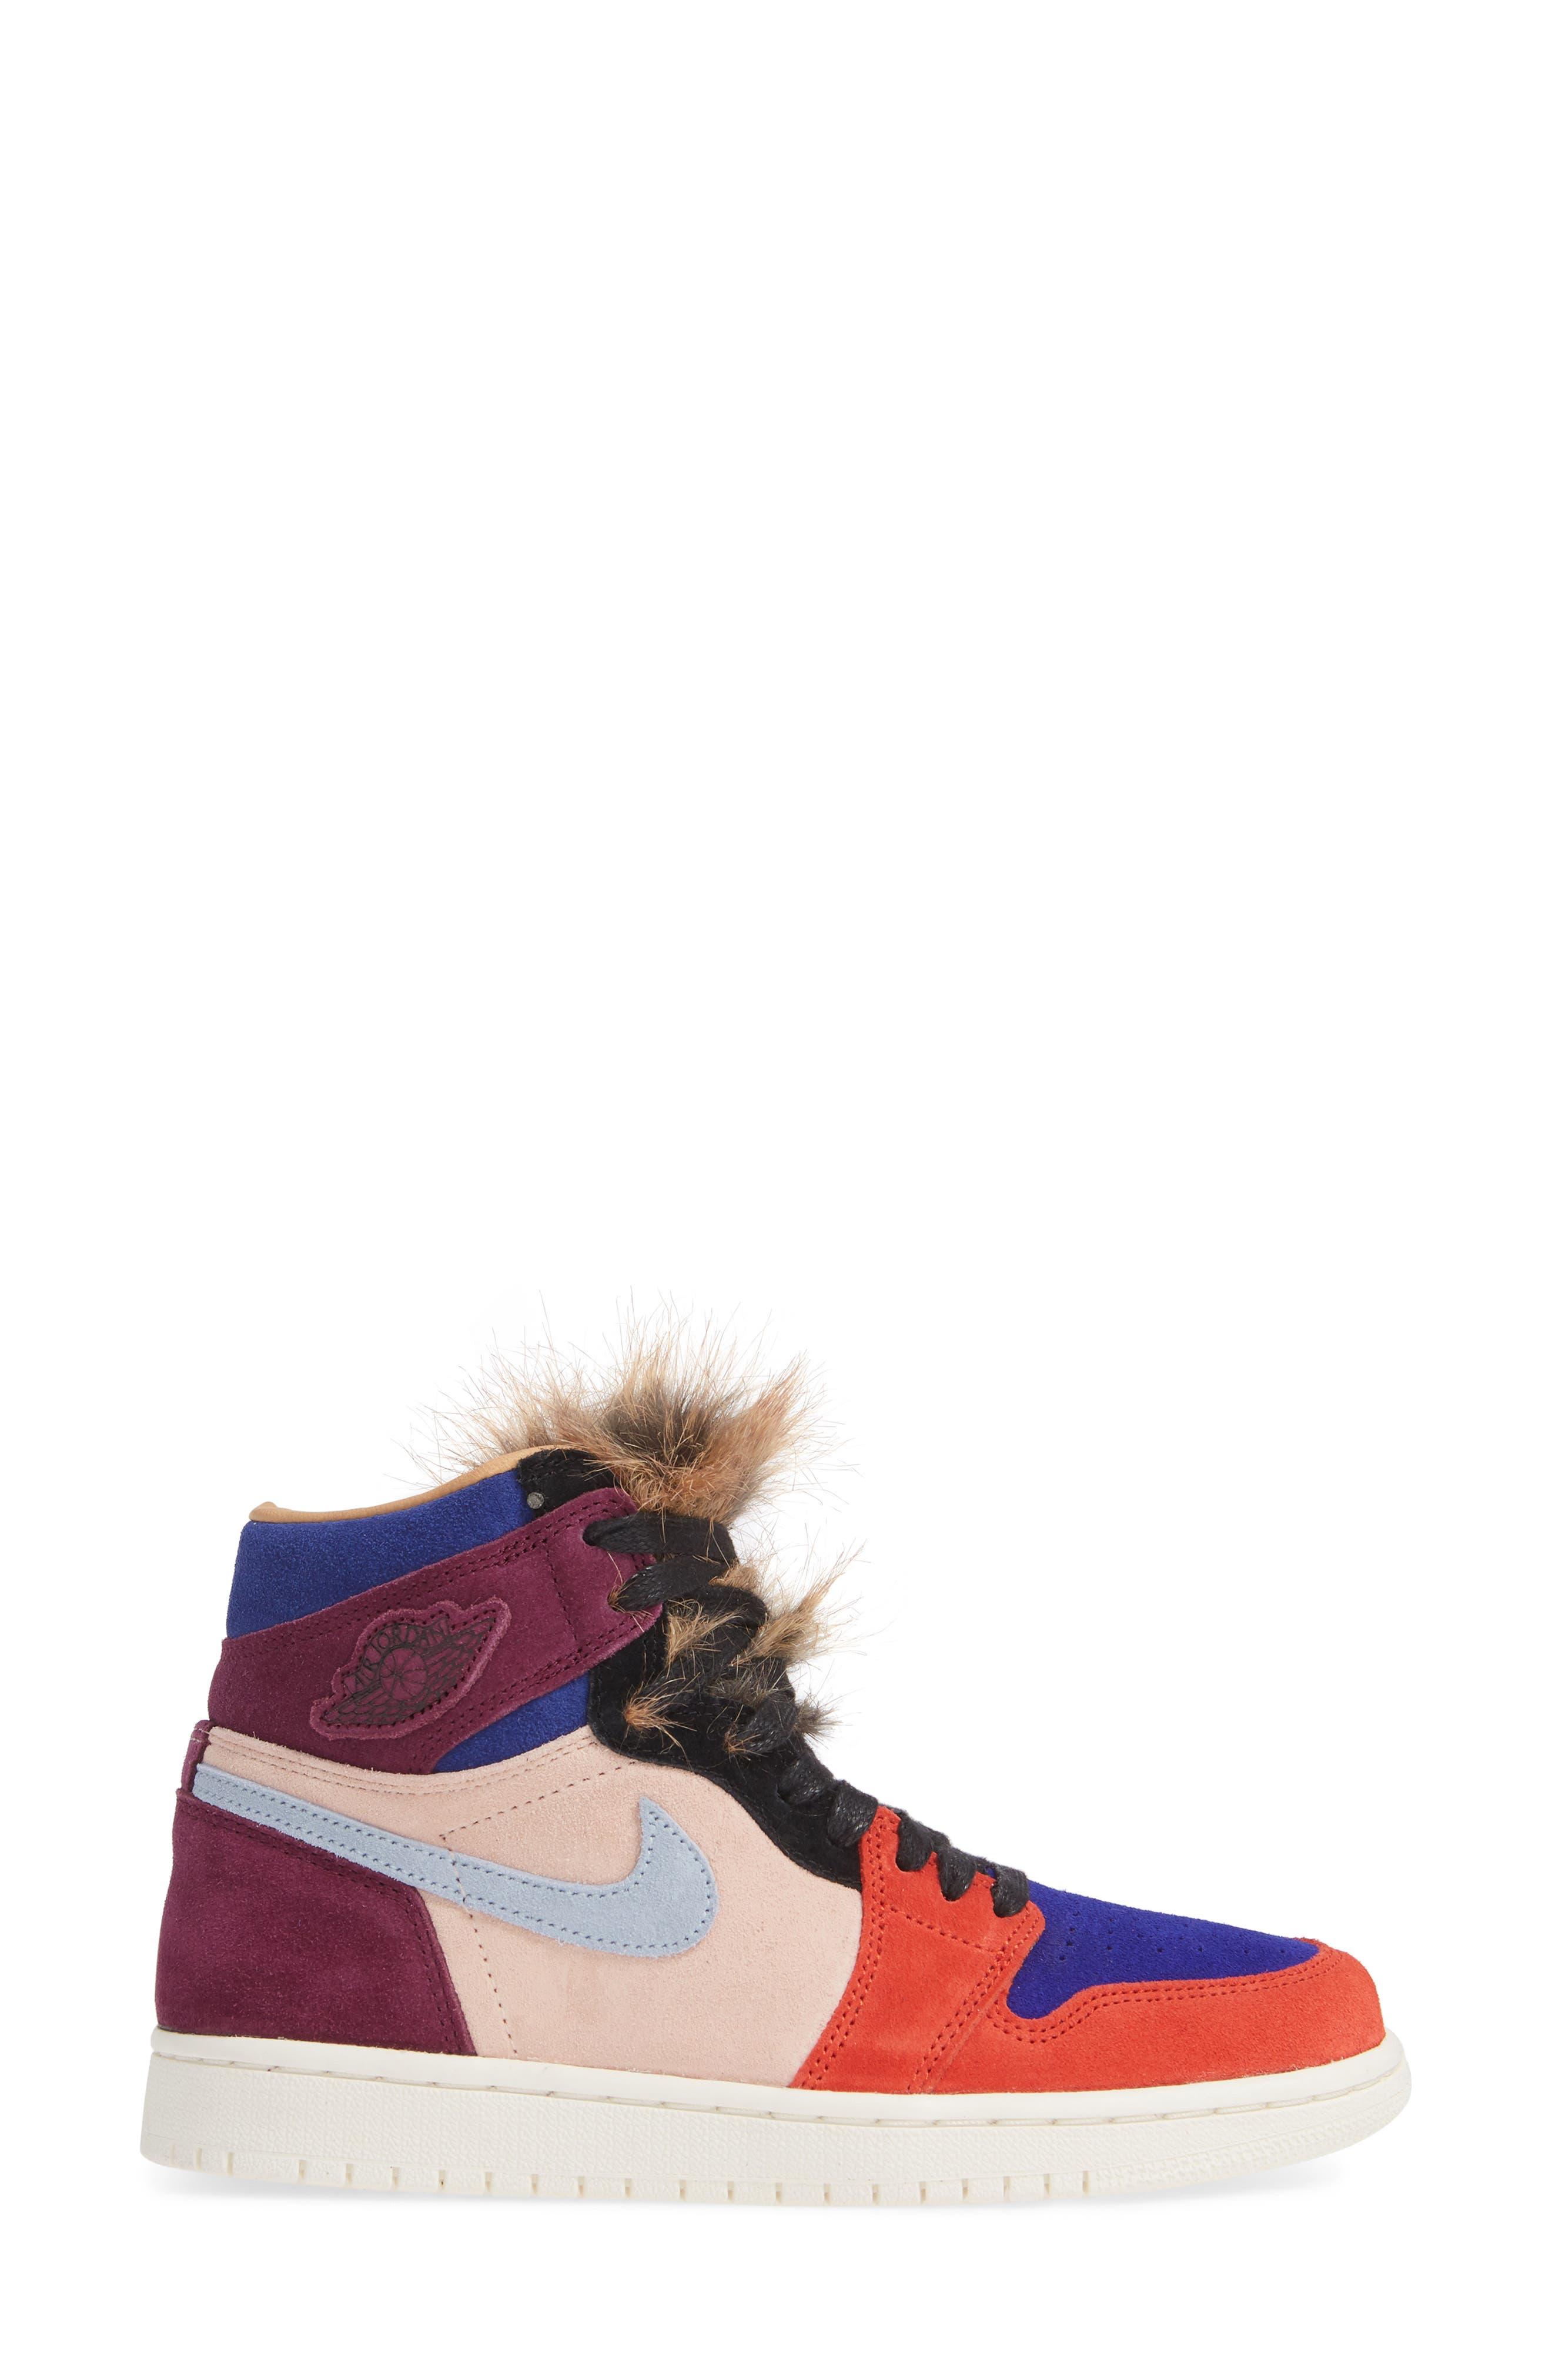 Nike Air Jordan 1 High OG Sneaker,                             Alternate thumbnail 3, color,                             600